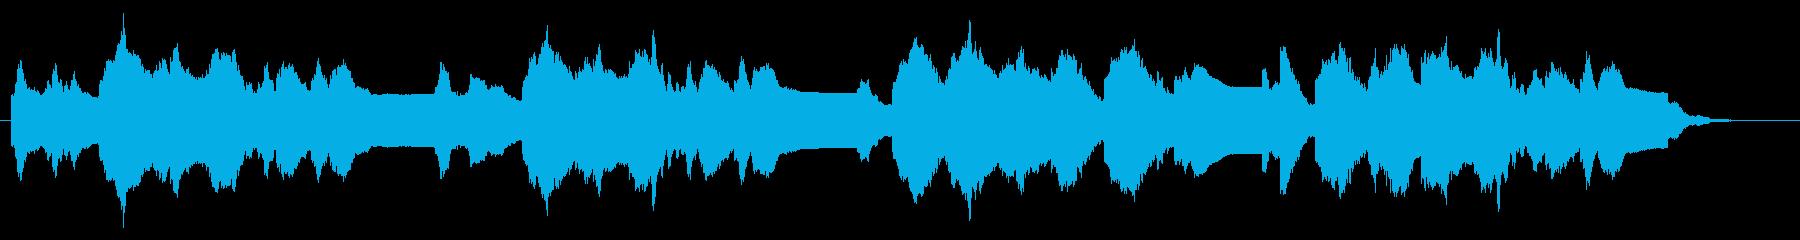 横断歩道 誘導音02-4の再生済みの波形